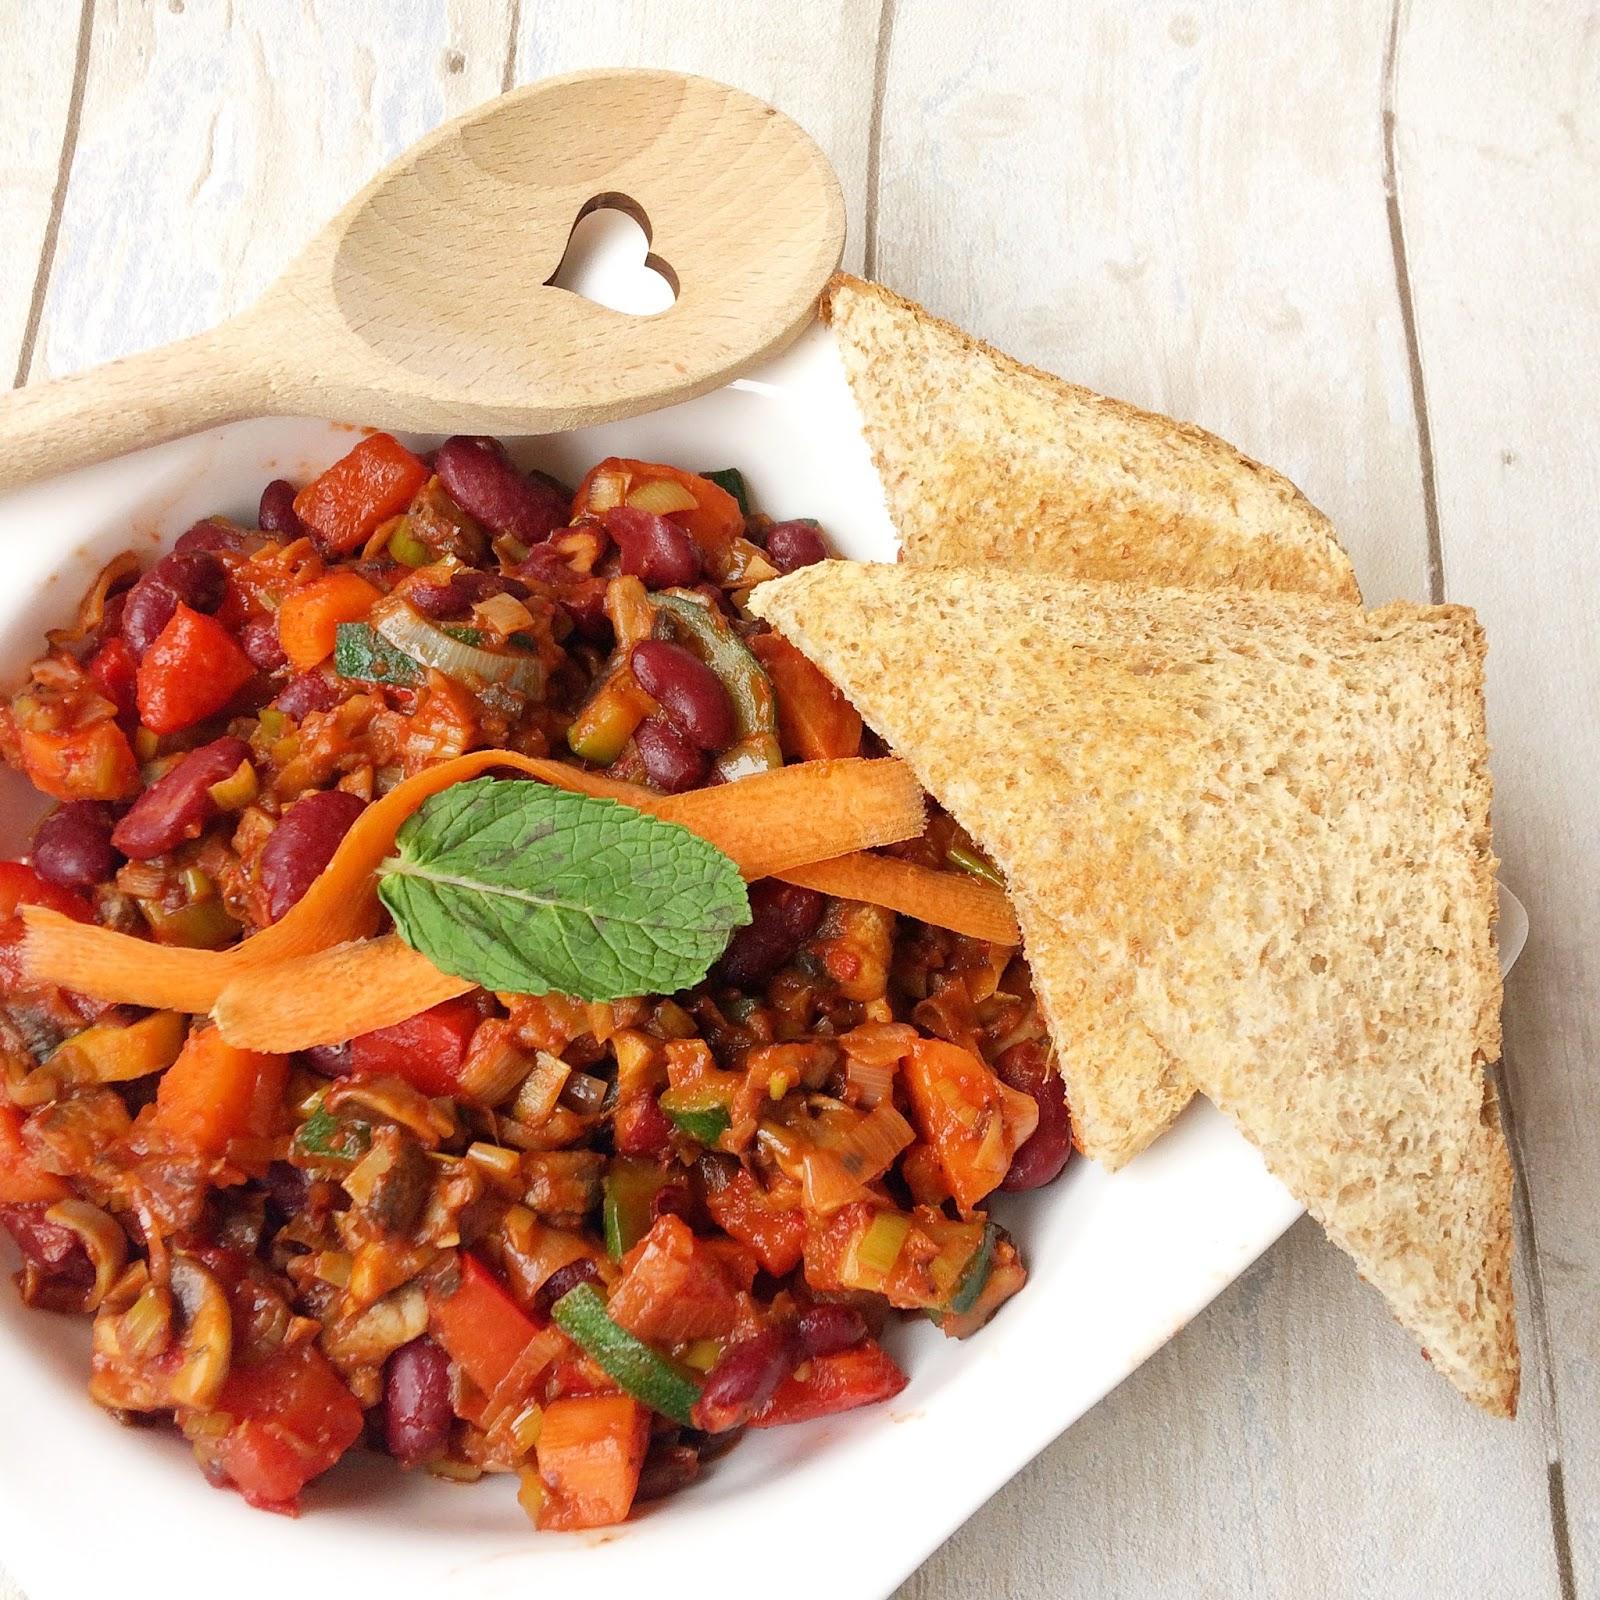 Schnelle vegane Küche | Scharfe Bohnen-Gemüse-Pfanne - Veganaholic